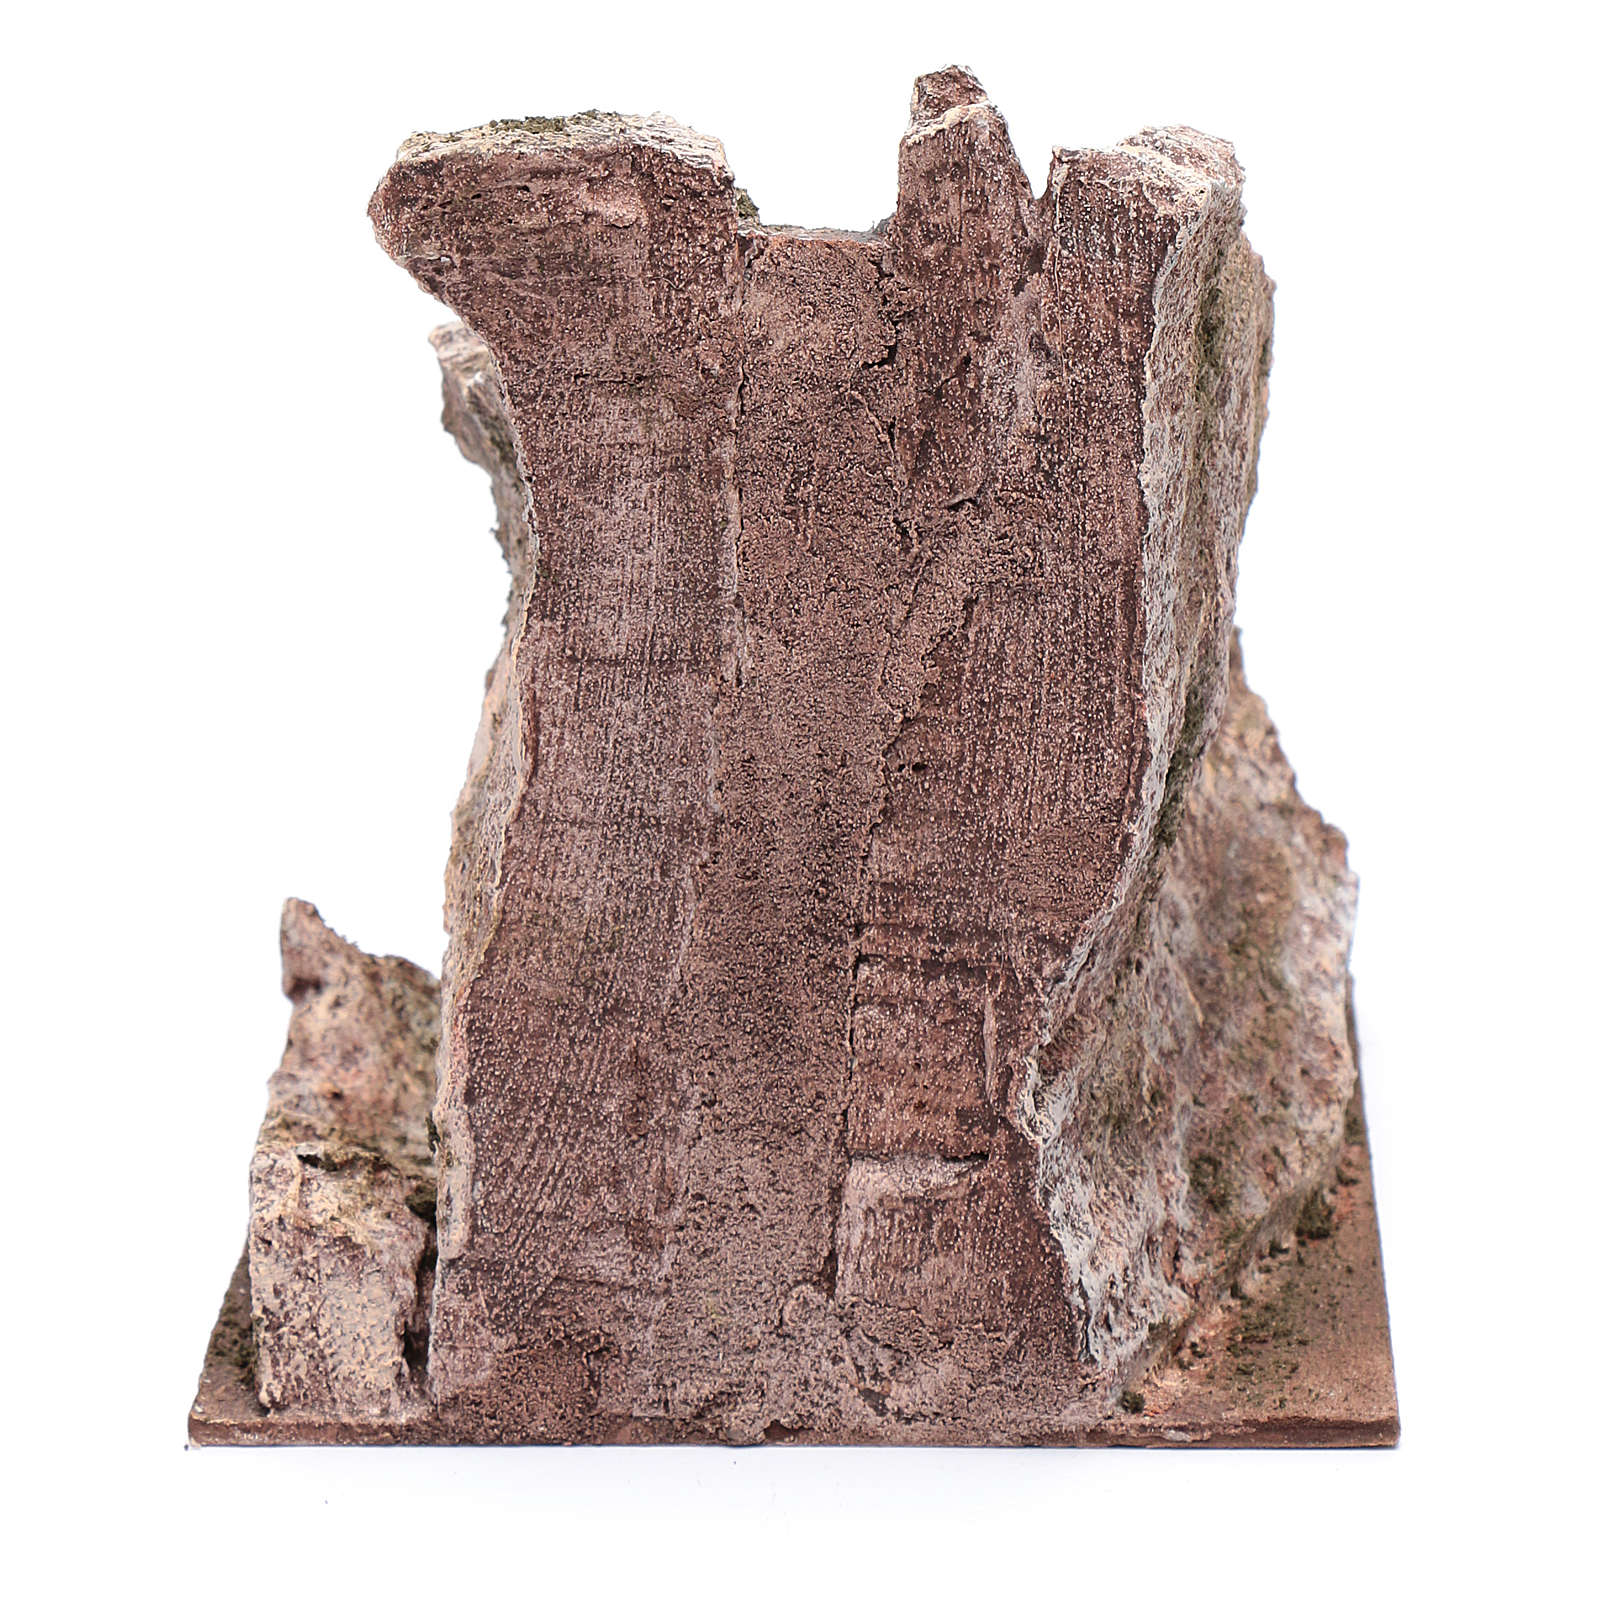 Scalinata antica tipo roccia presepe 20x20x25 cm 4